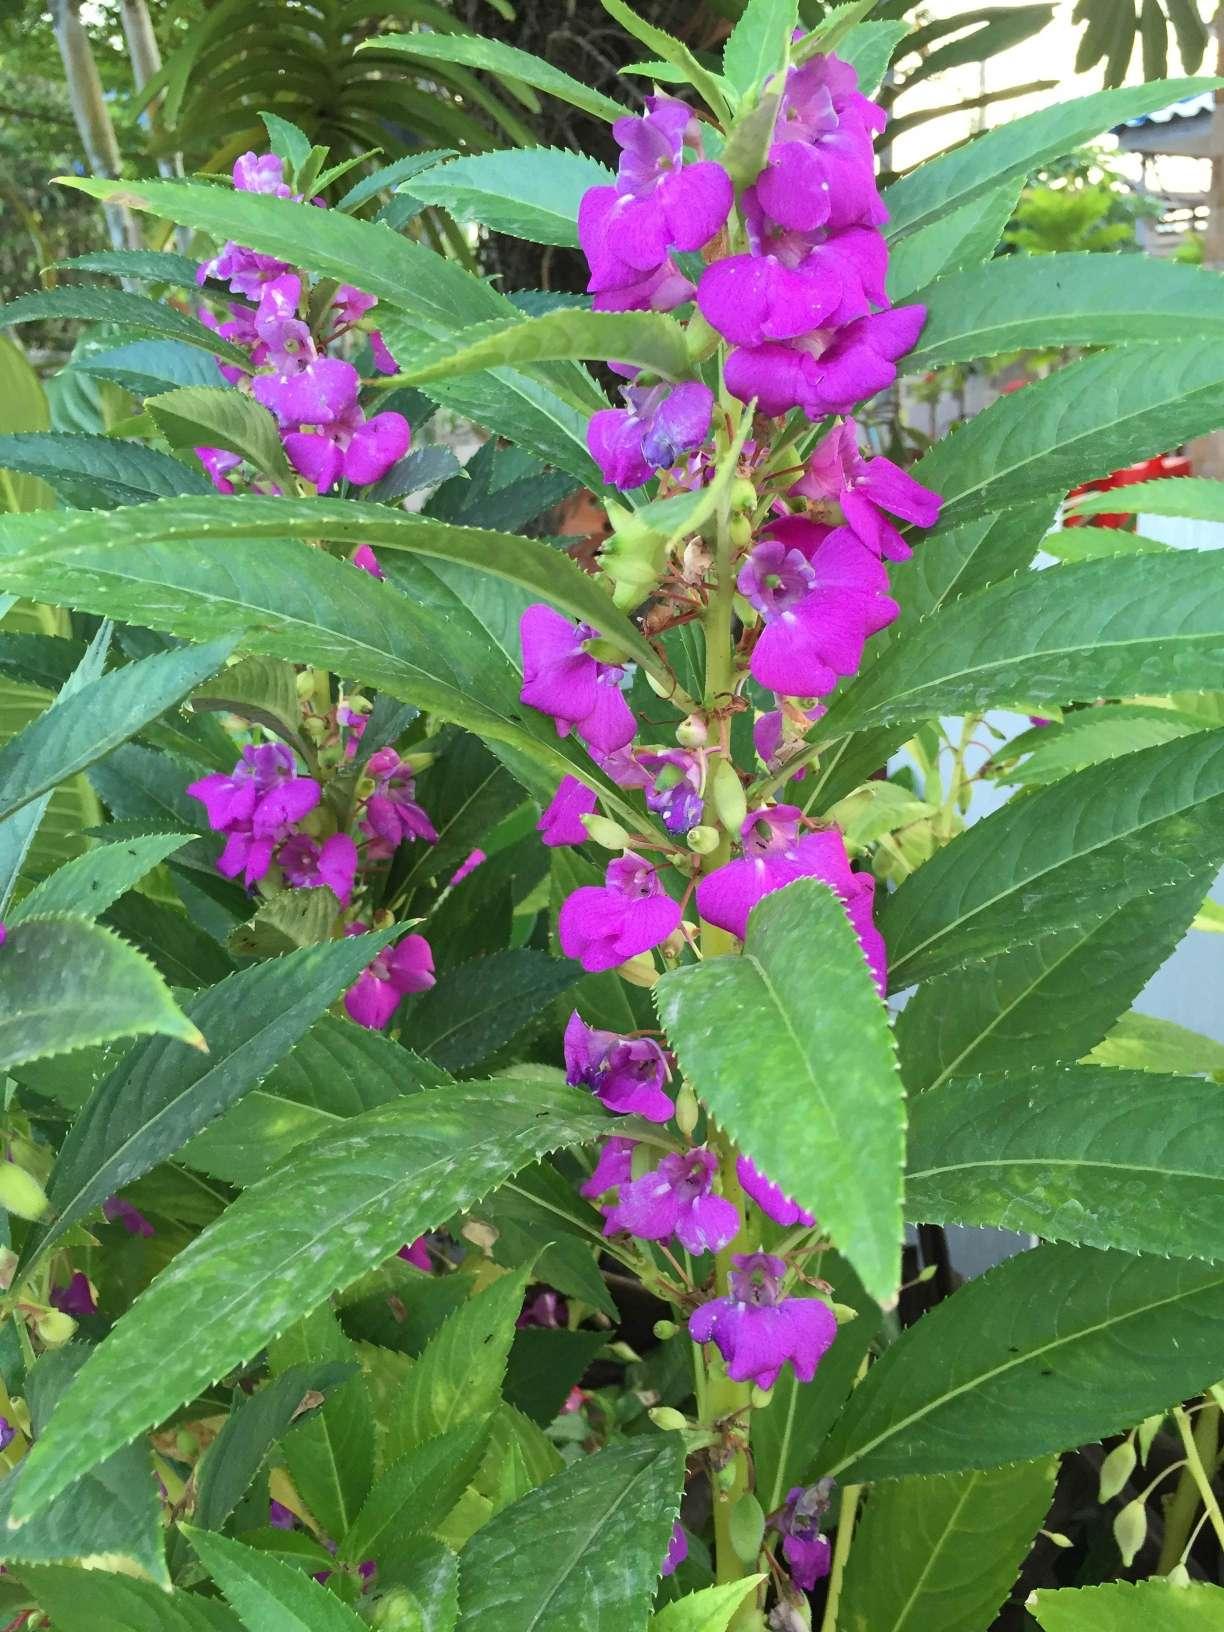 25 Seeds Fresh Thai Balsam Impatiens Balsamina Impatiens Purple